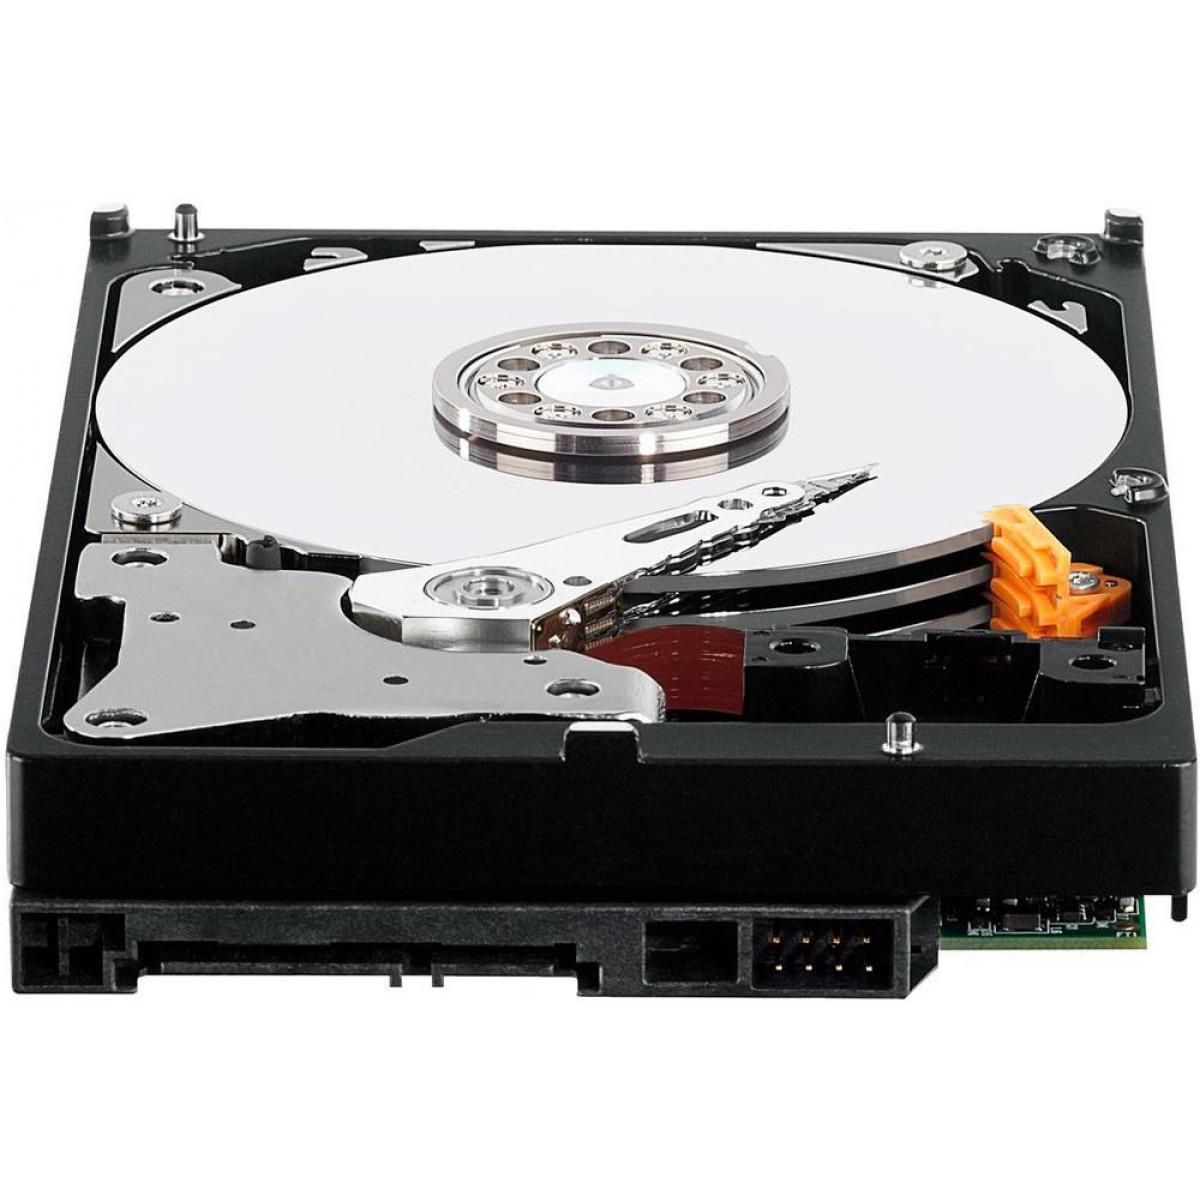 HD Western Digital Purple Survillance 6 TB, 3.5, Sata III, WD60PURZ